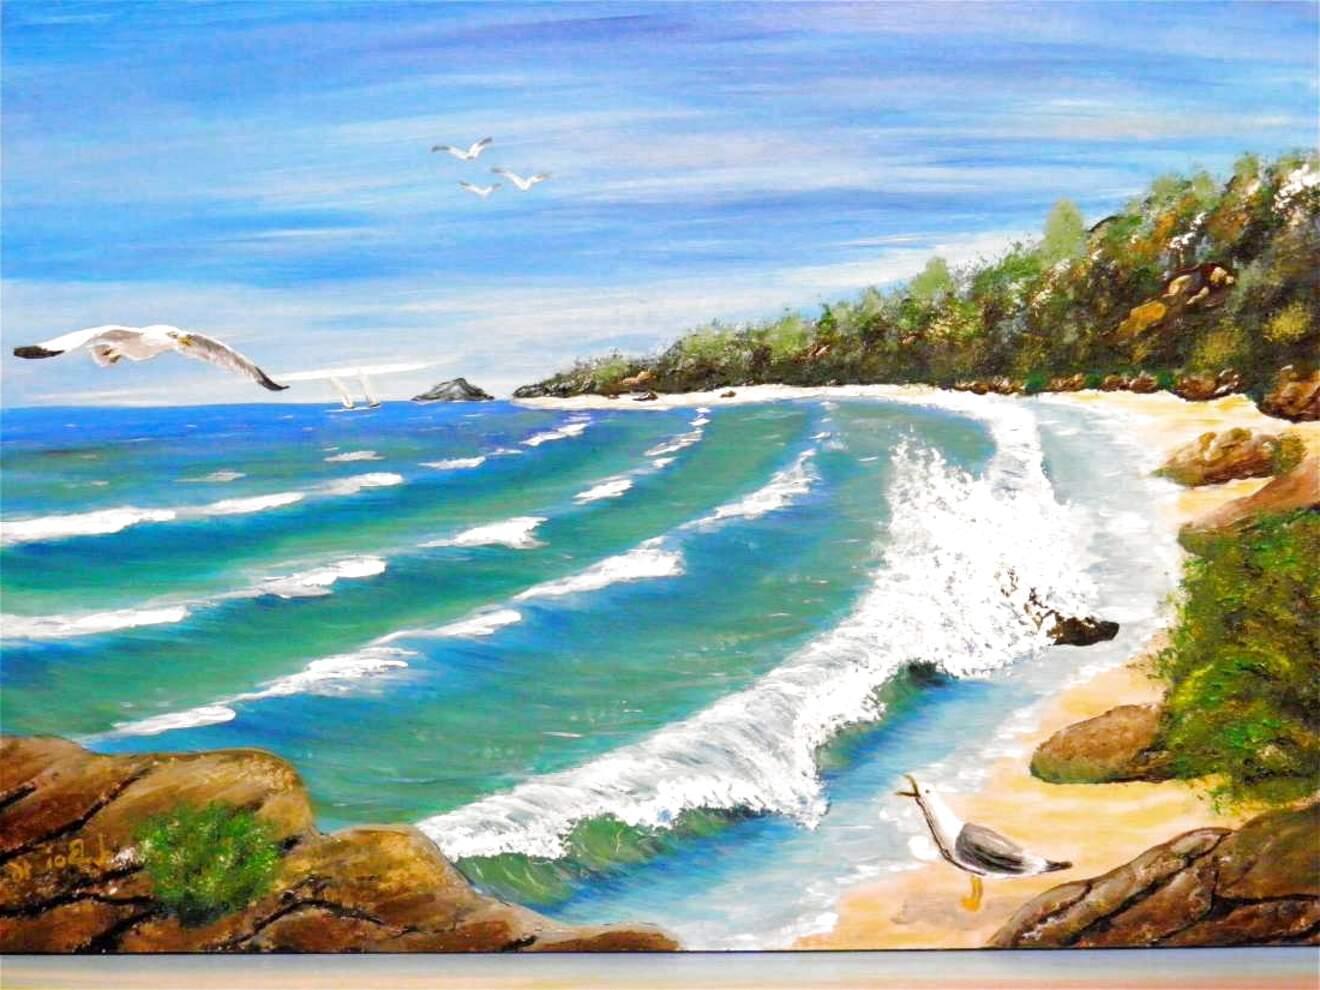 quadri paesaggi marini